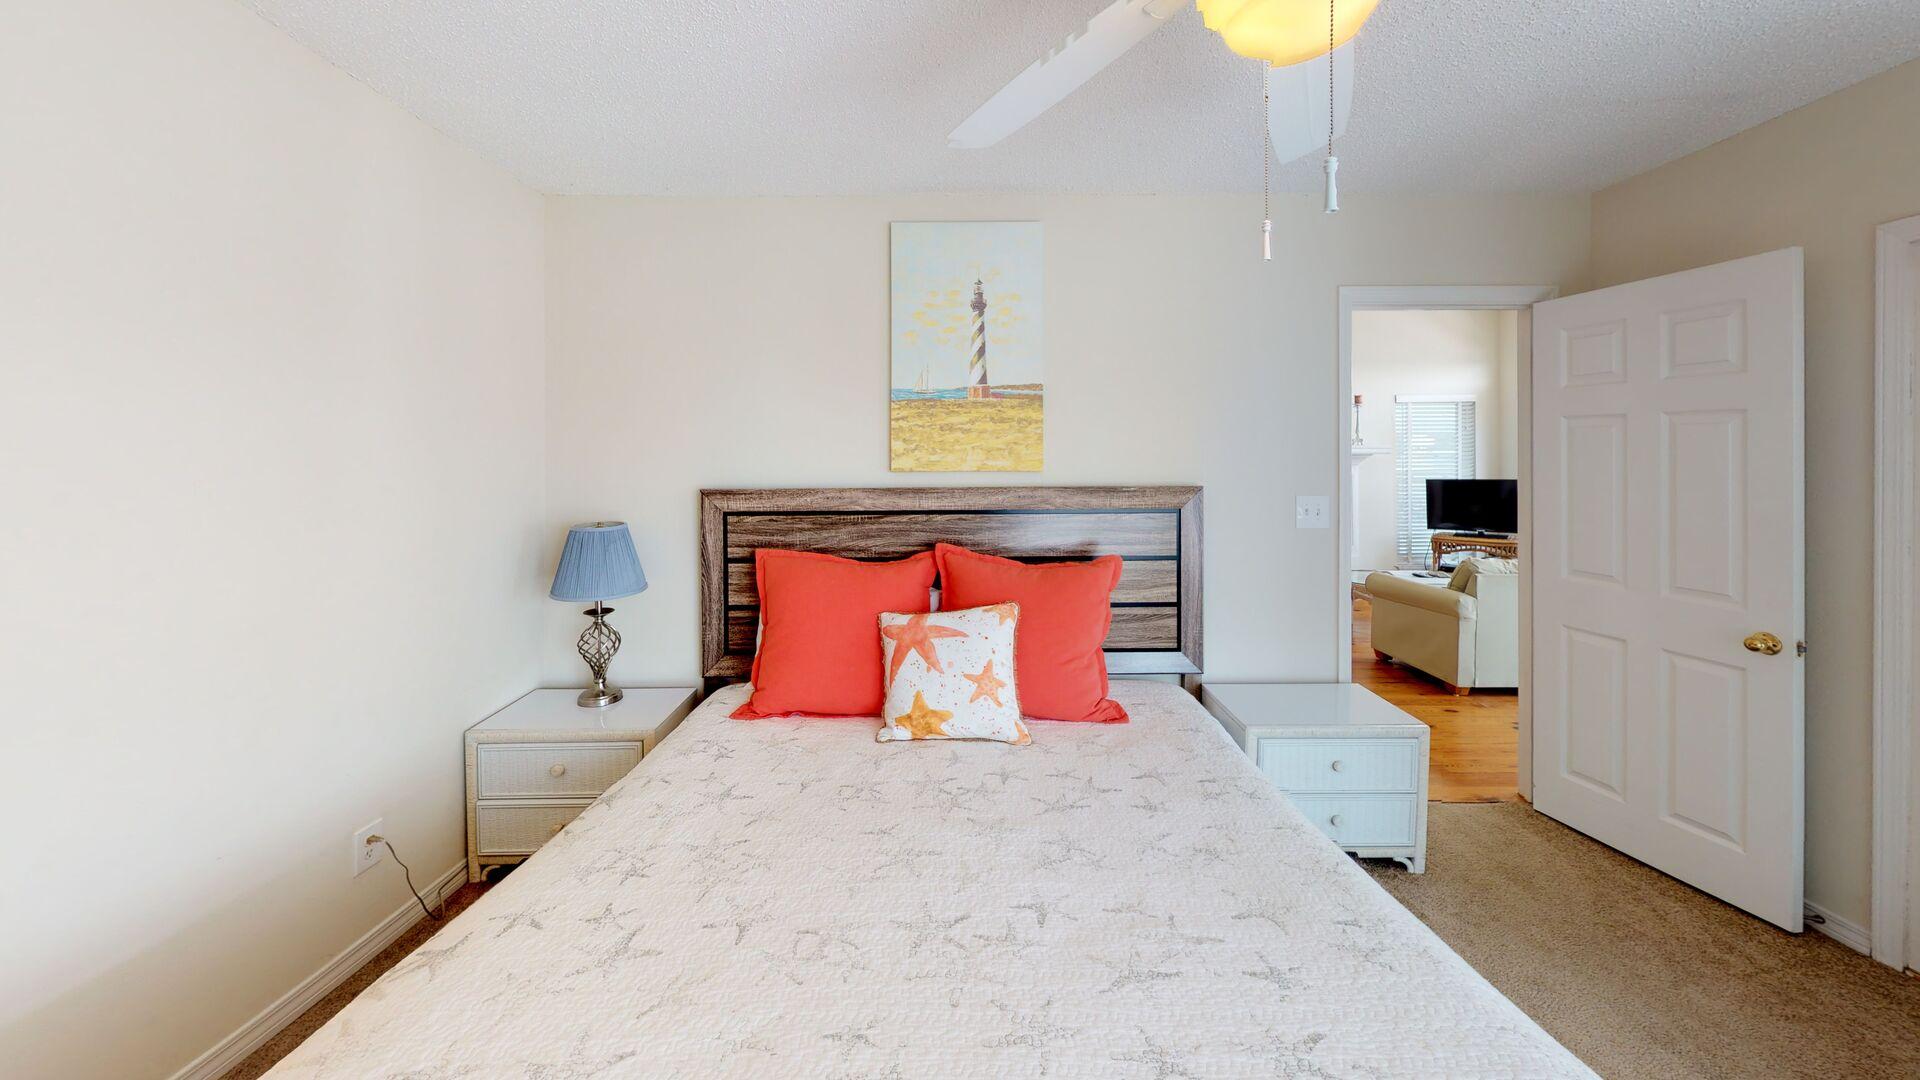 Main floor master bedroom has a queen bed to sleep 2